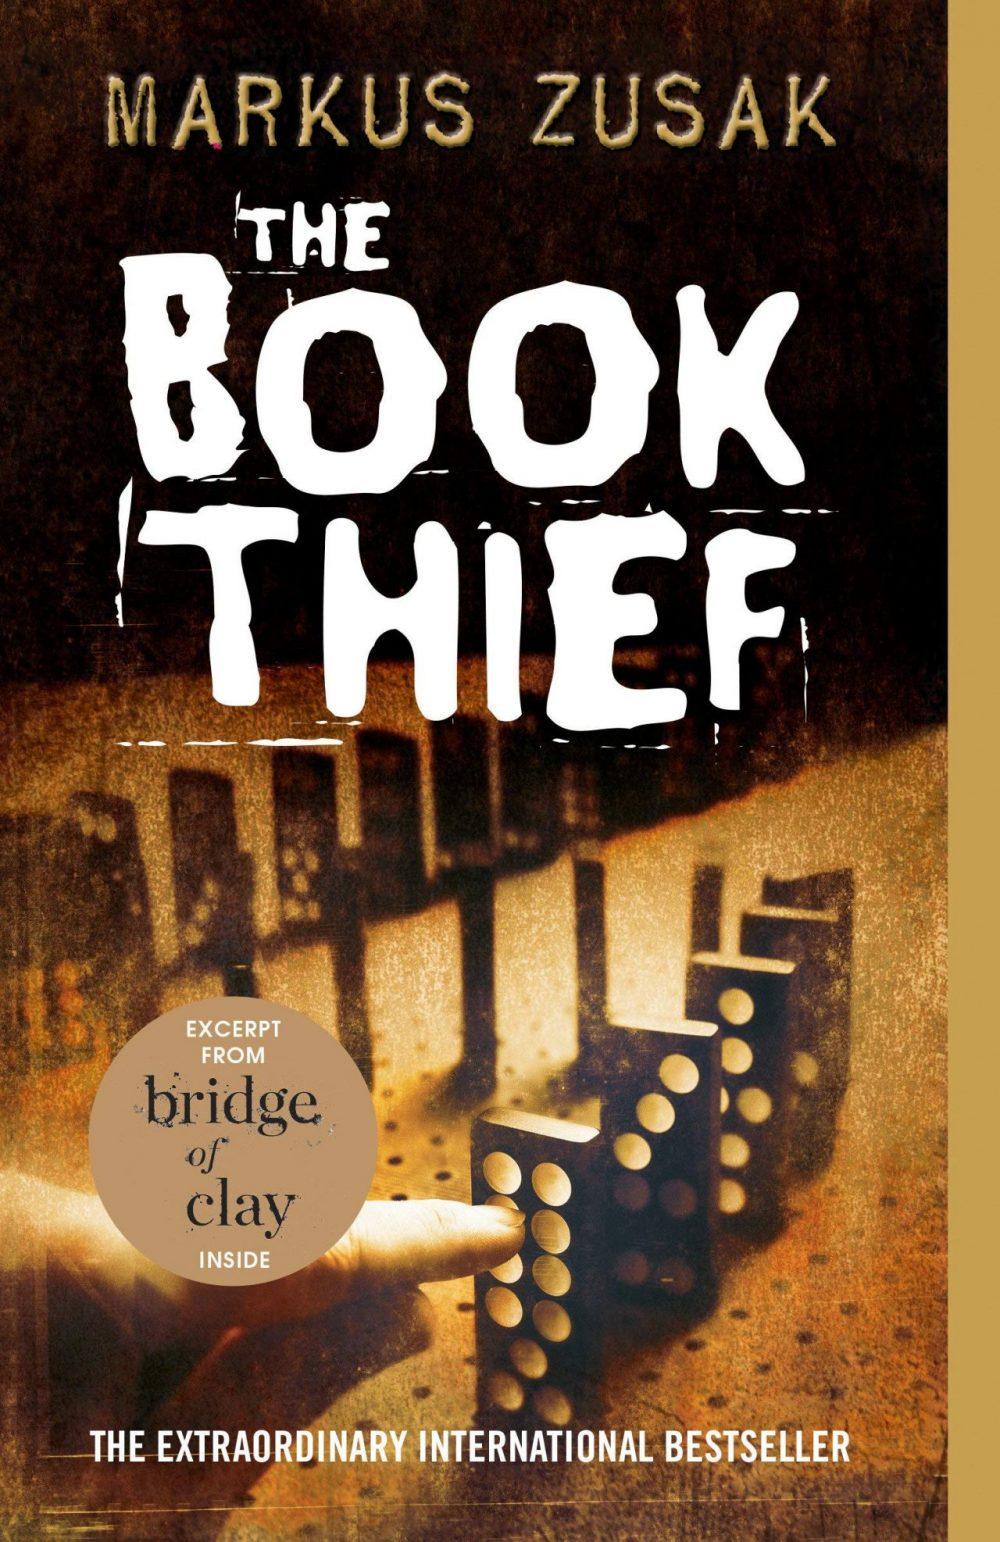 Kẻ Trộm Sách, Kẻ Trộm Sách: Khi Thần Chết kể về sự sống